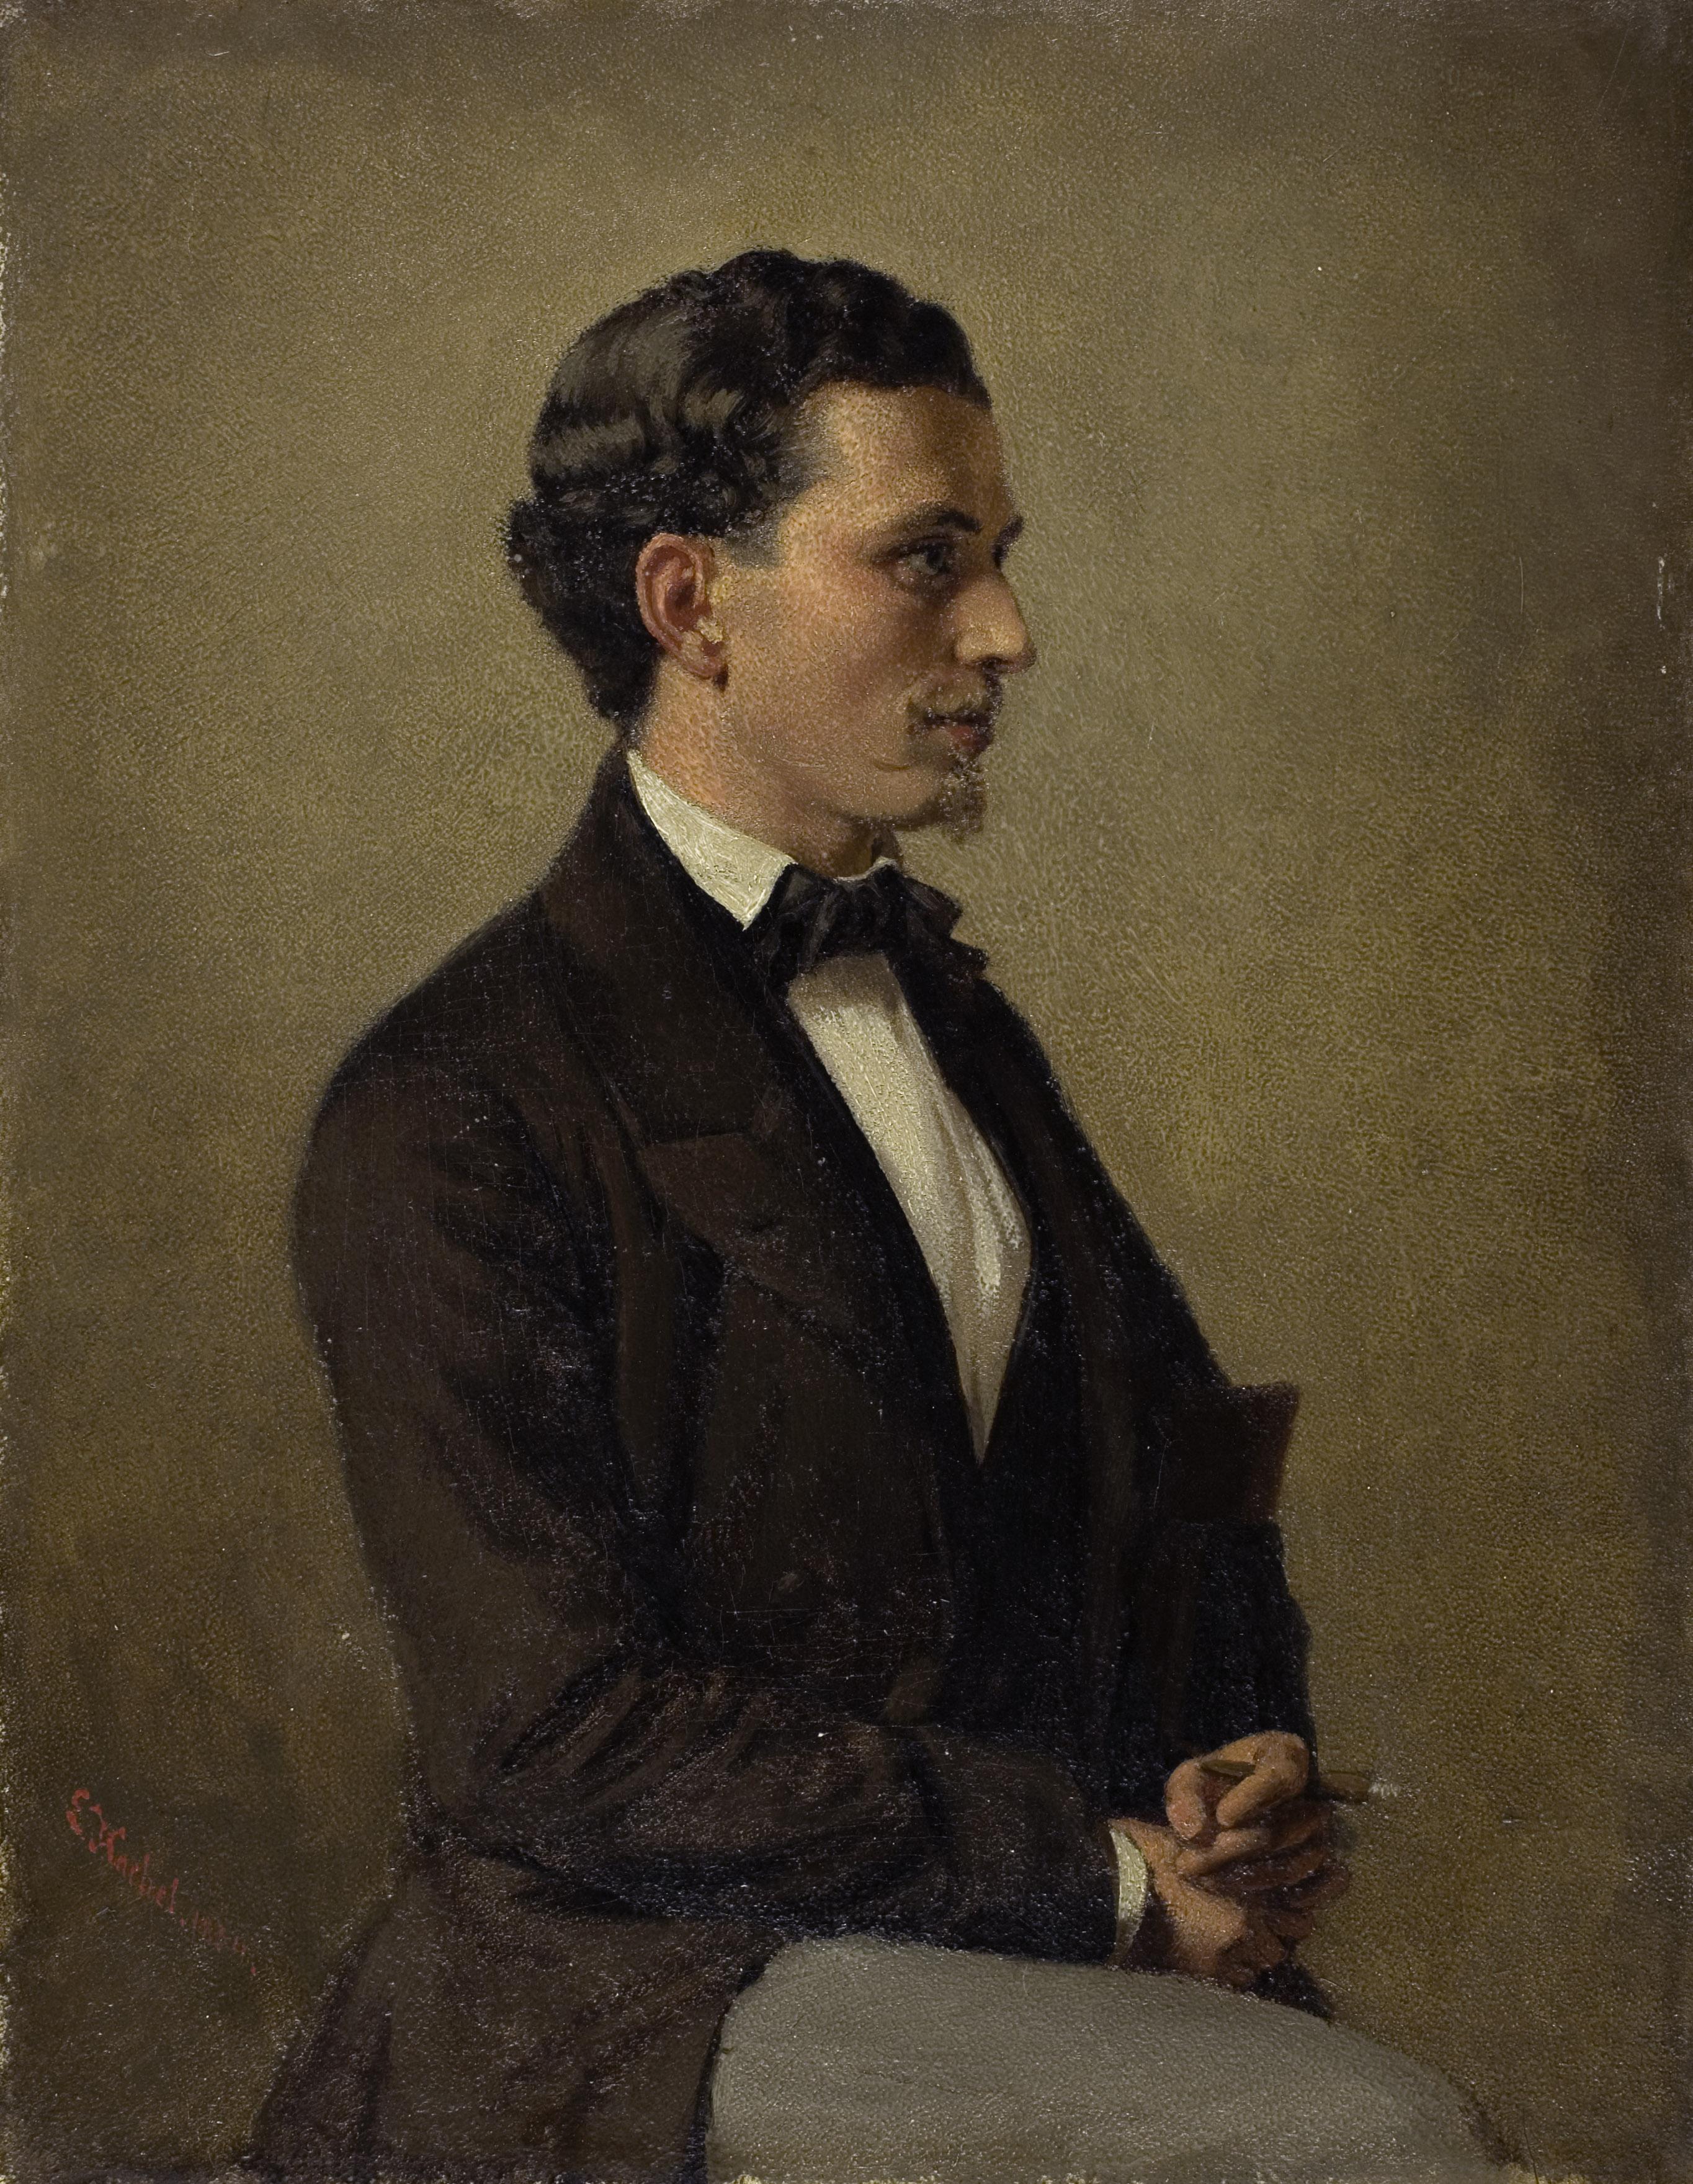 Moritz Ellstätter (1827-1905)